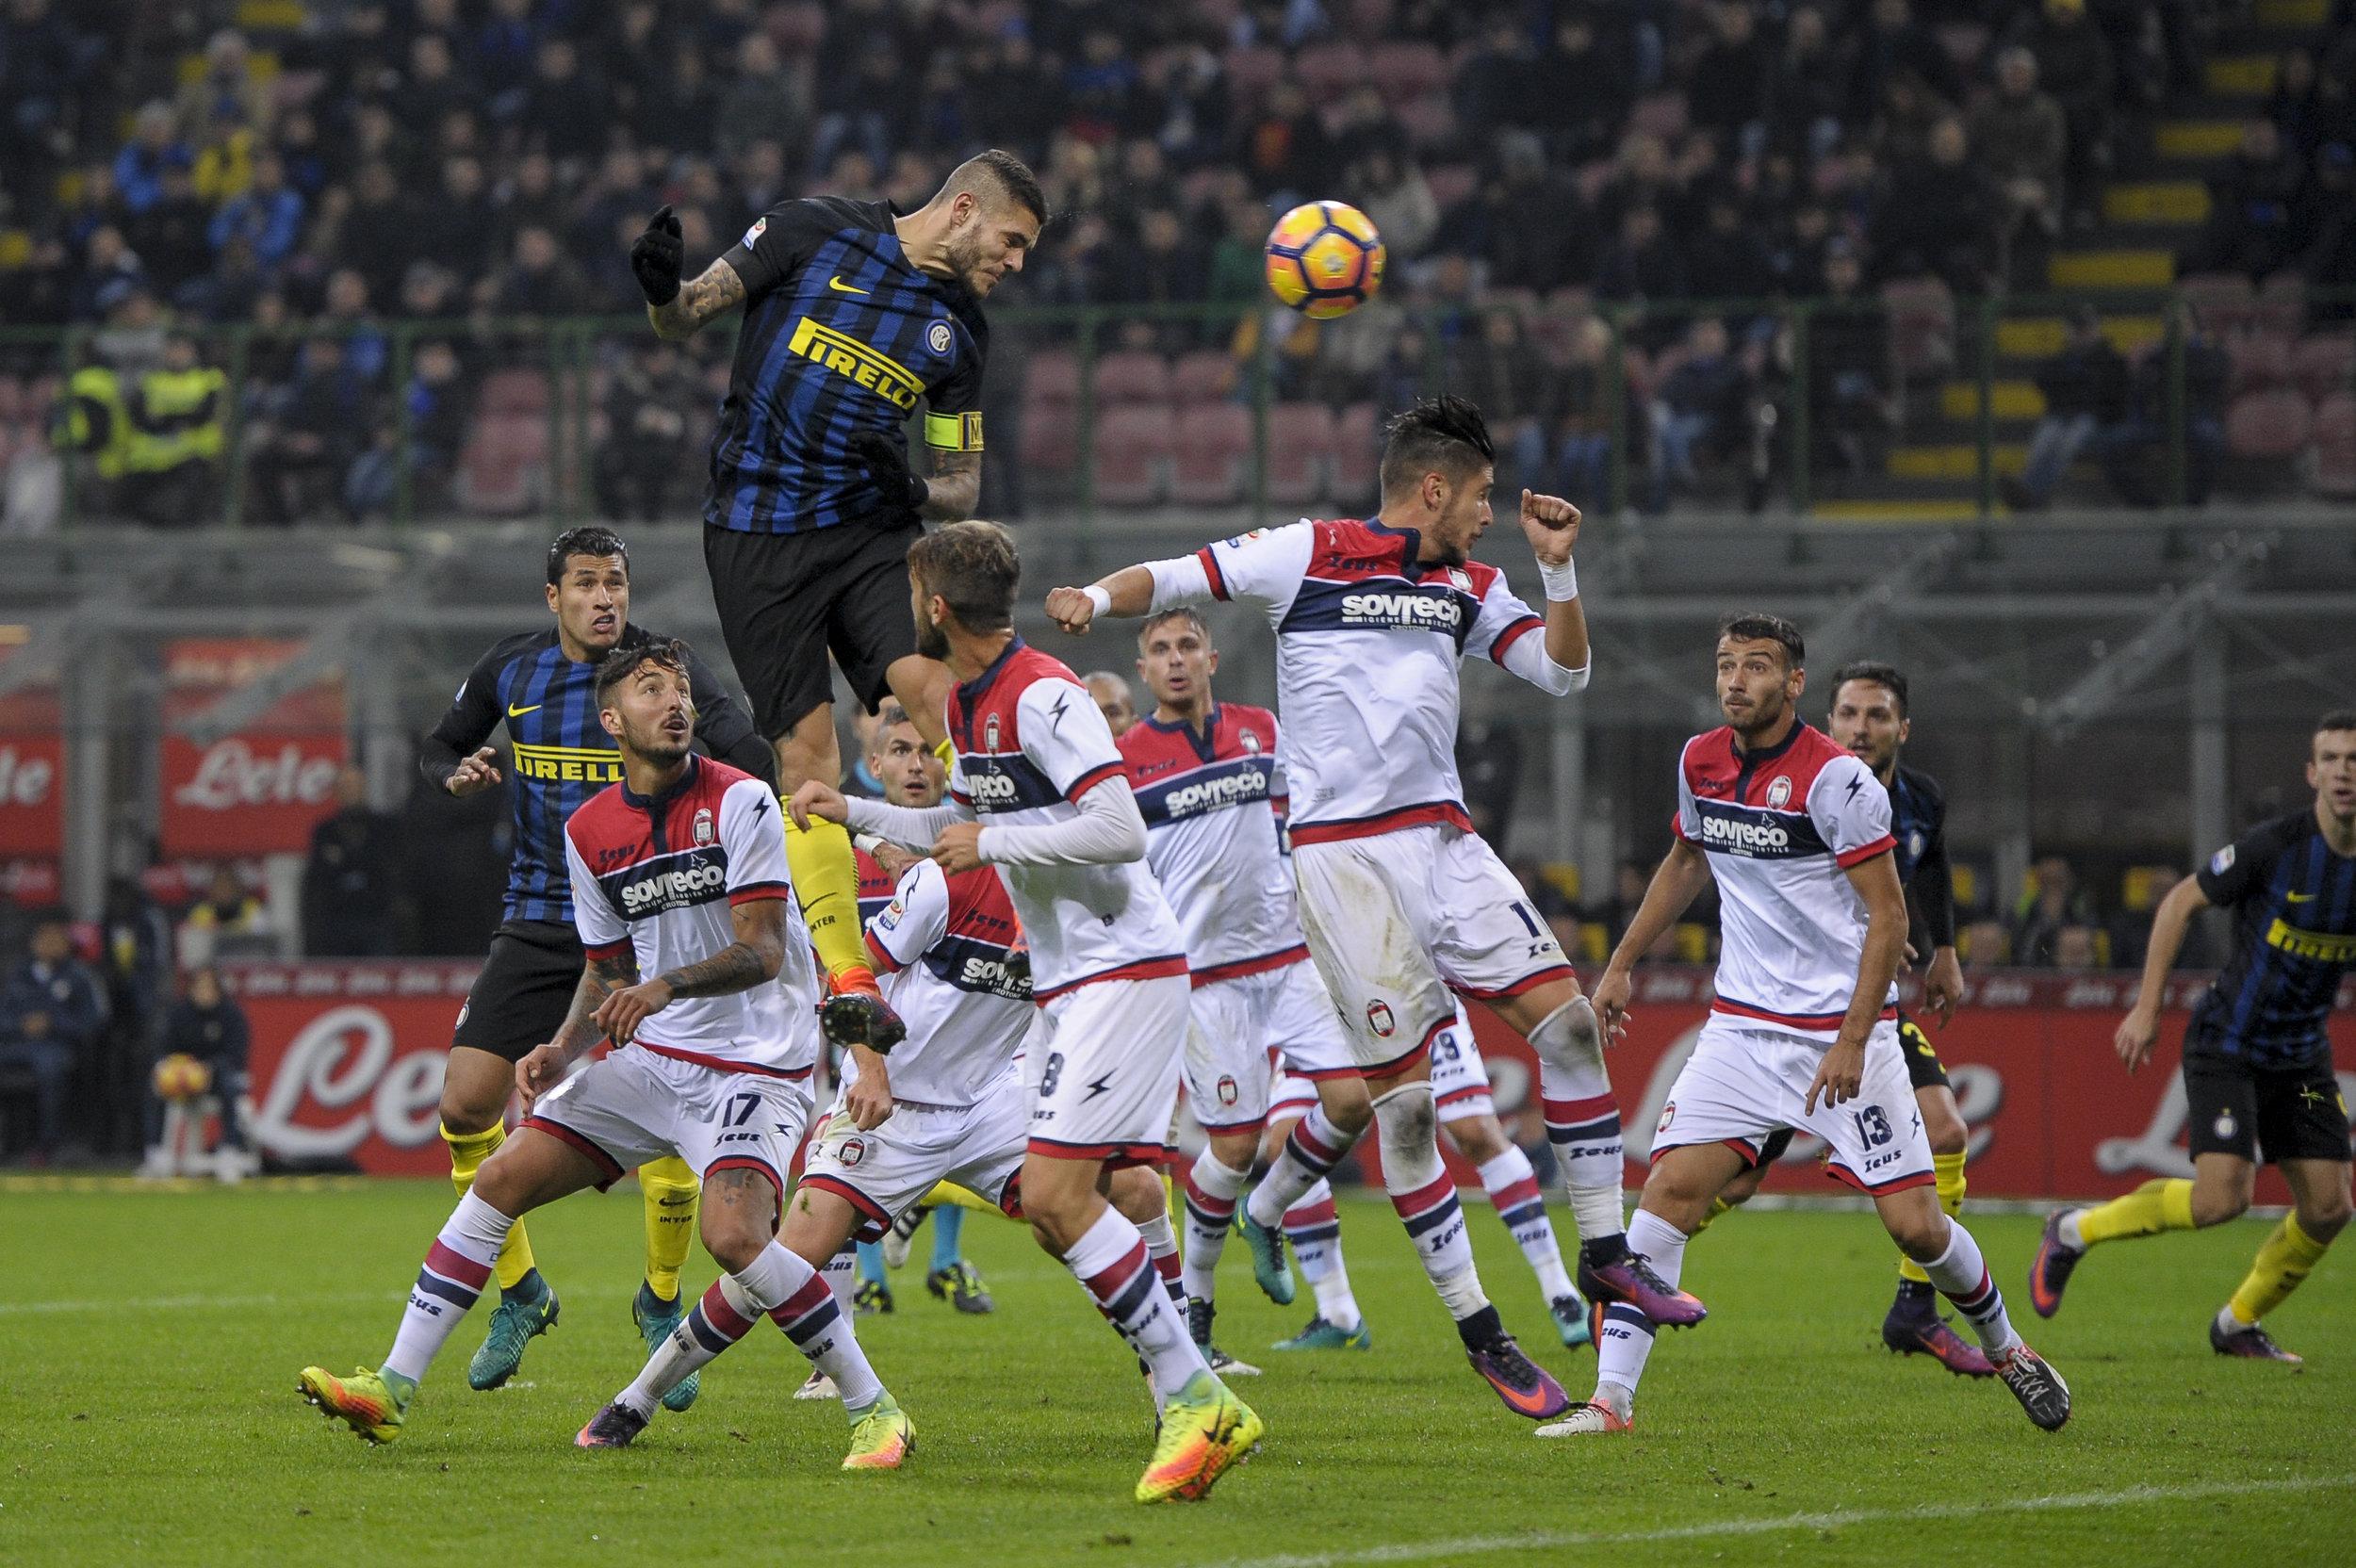 Mauro Icardi scorer mål, men han har gjort sig voldsomt upopulær i byen med sin biografi.   Foto: Getty Images